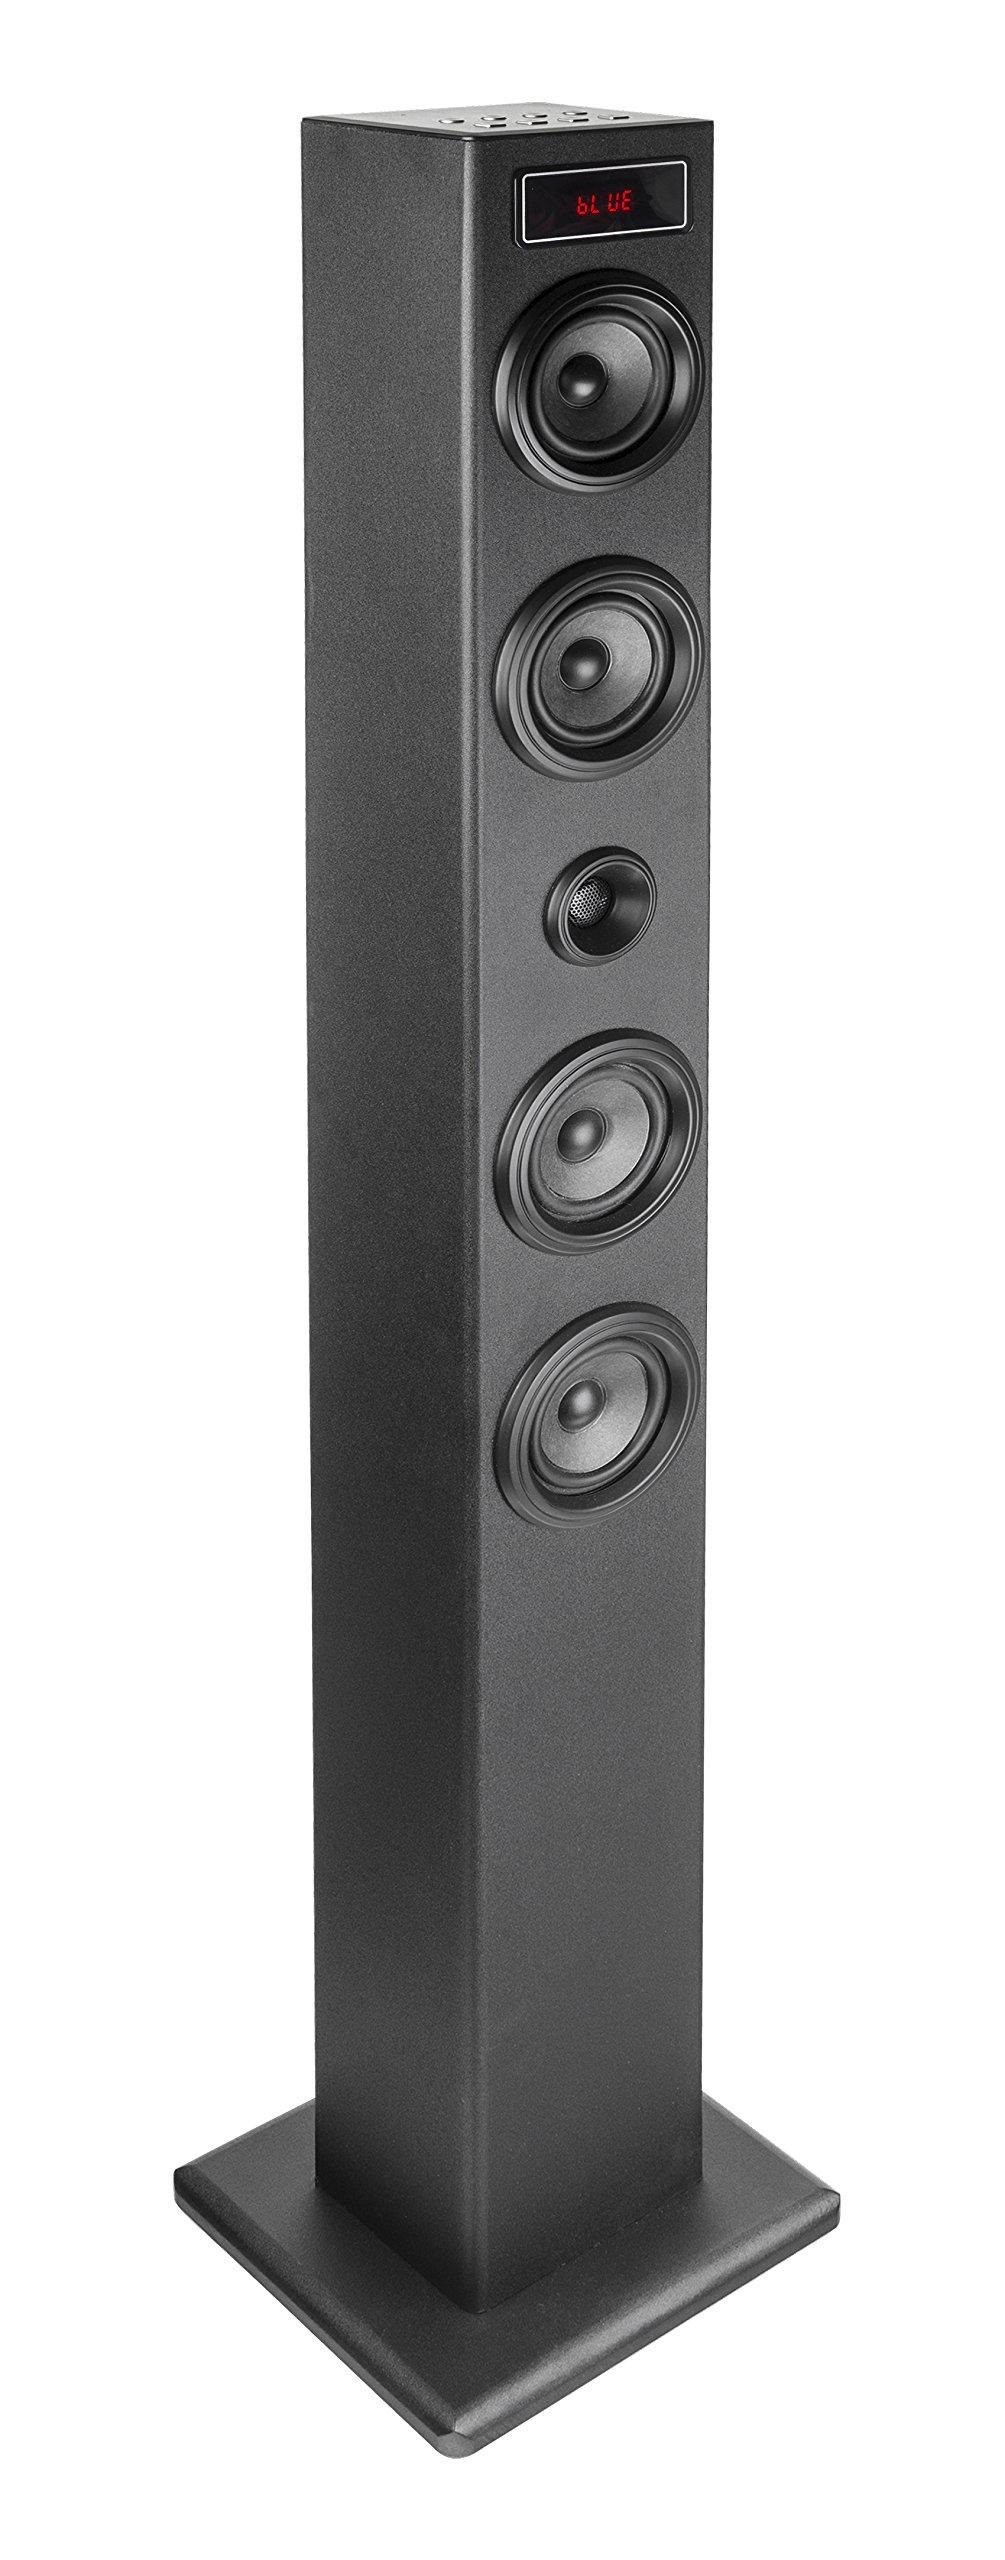 Elbe TW403BT - Torre de Sonido (Sistema), multifunción con Bluetooth, Pantalla LED Frontal, 40 W, USB/MicroSD / MP3, Radio FM, Apagado automático, Color Negro: Amazon.es: Electrónica